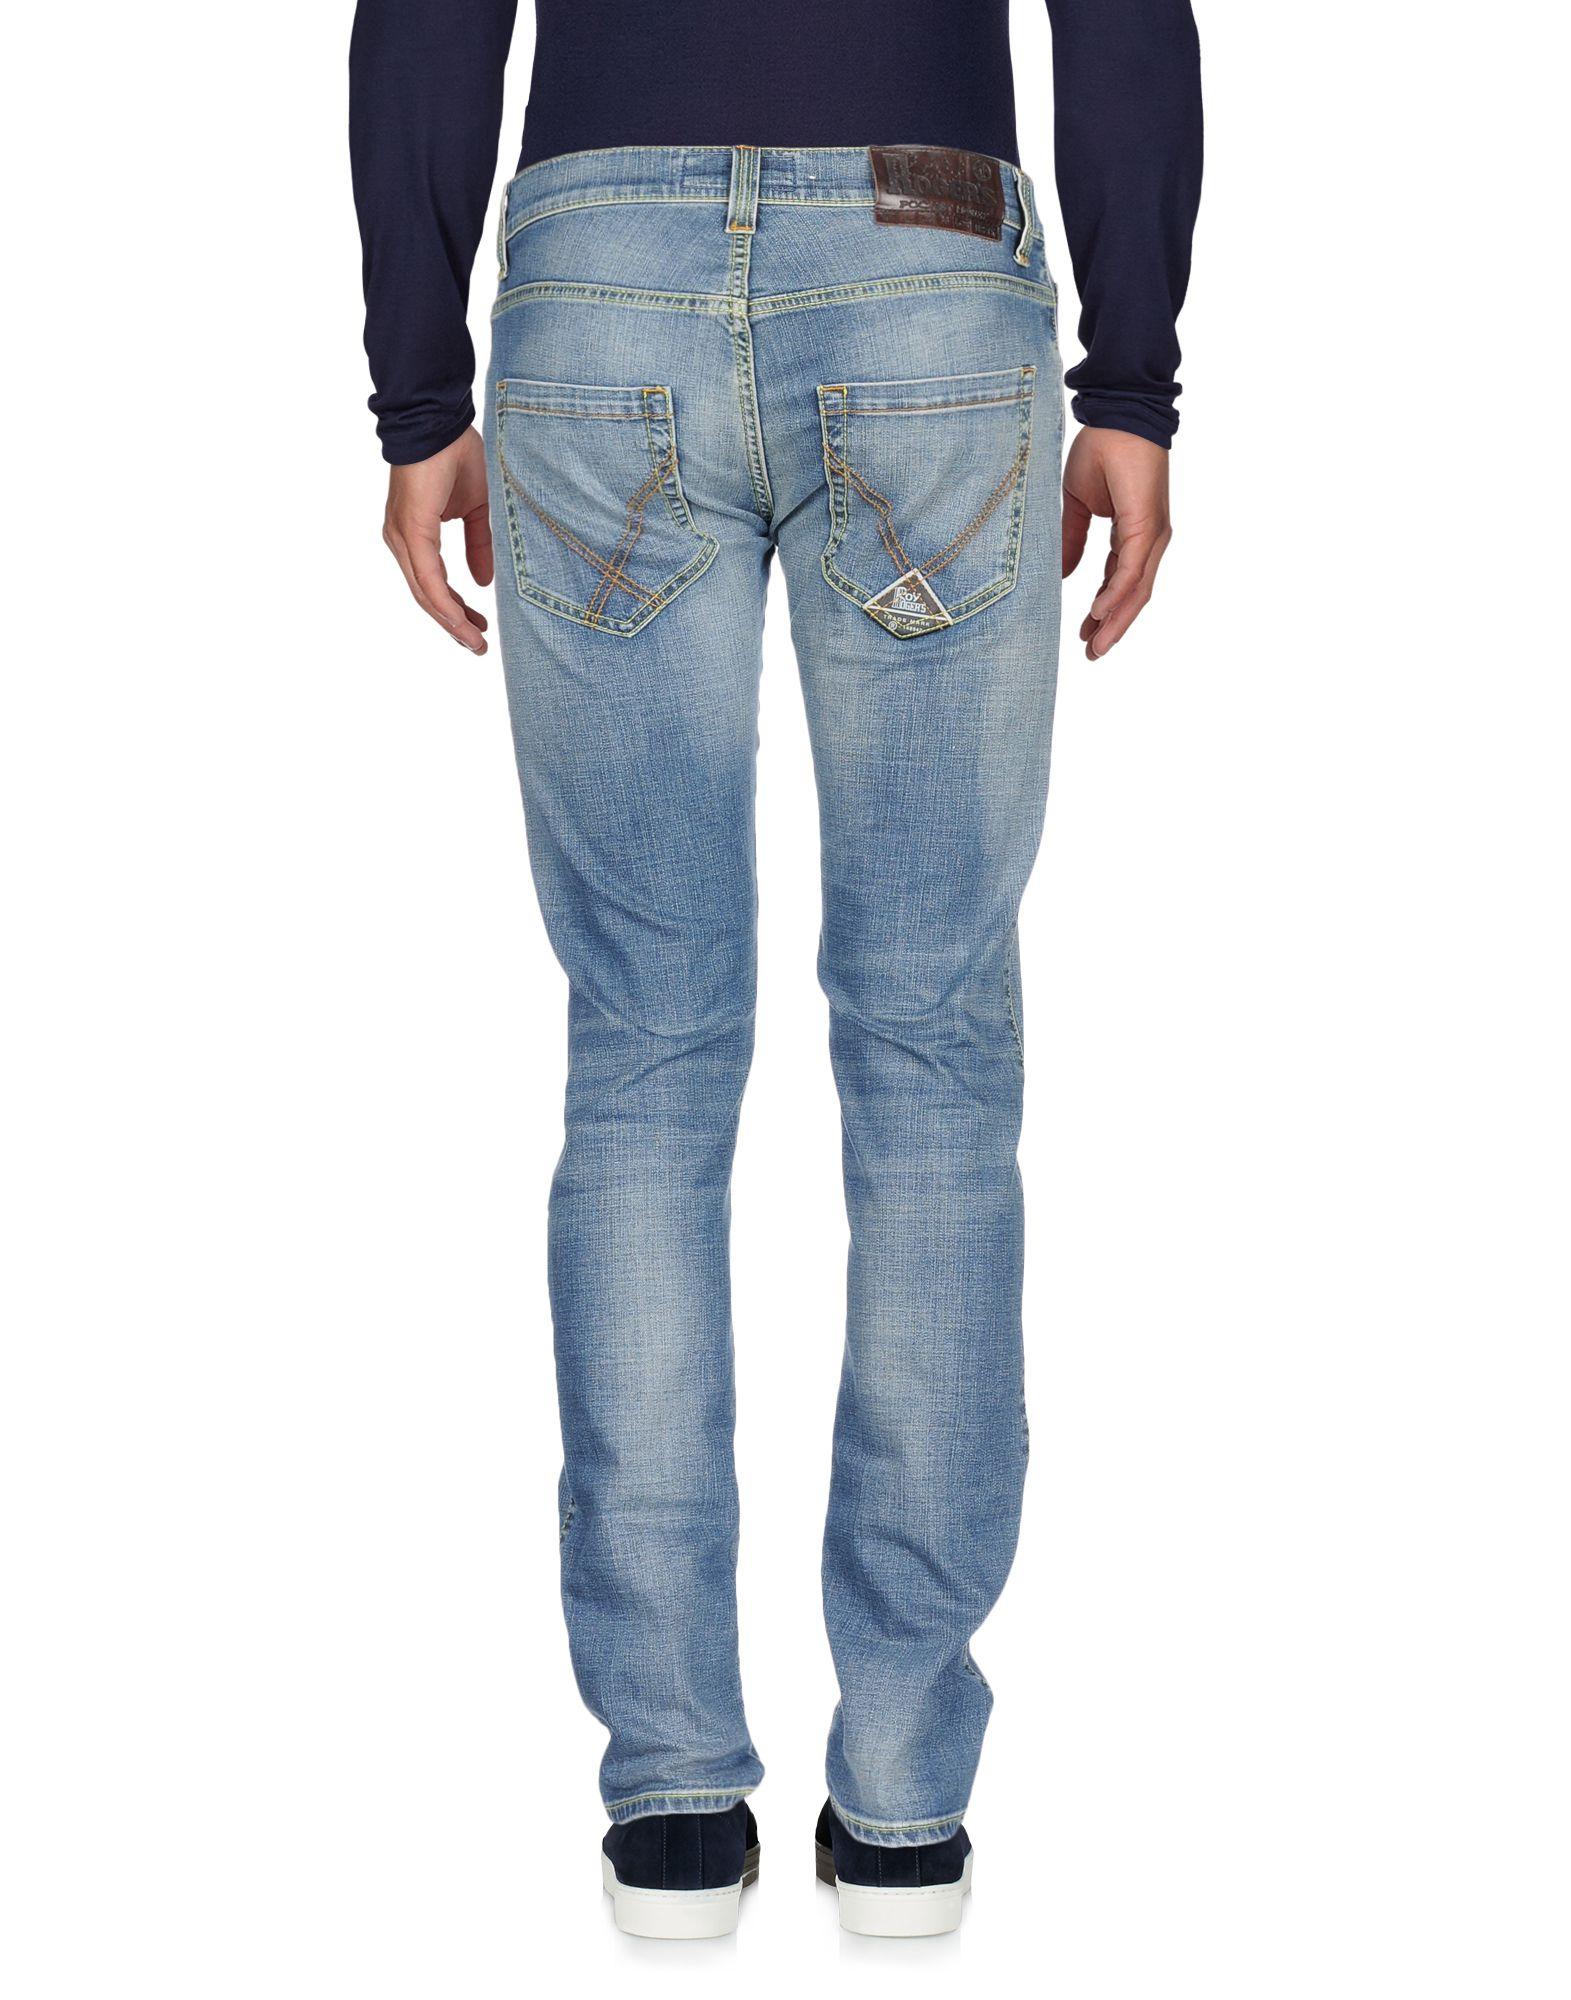 Pantaloni Pantaloni Pantaloni Jeans Ro  Roger's Uomo - 42676266HB 7da31a